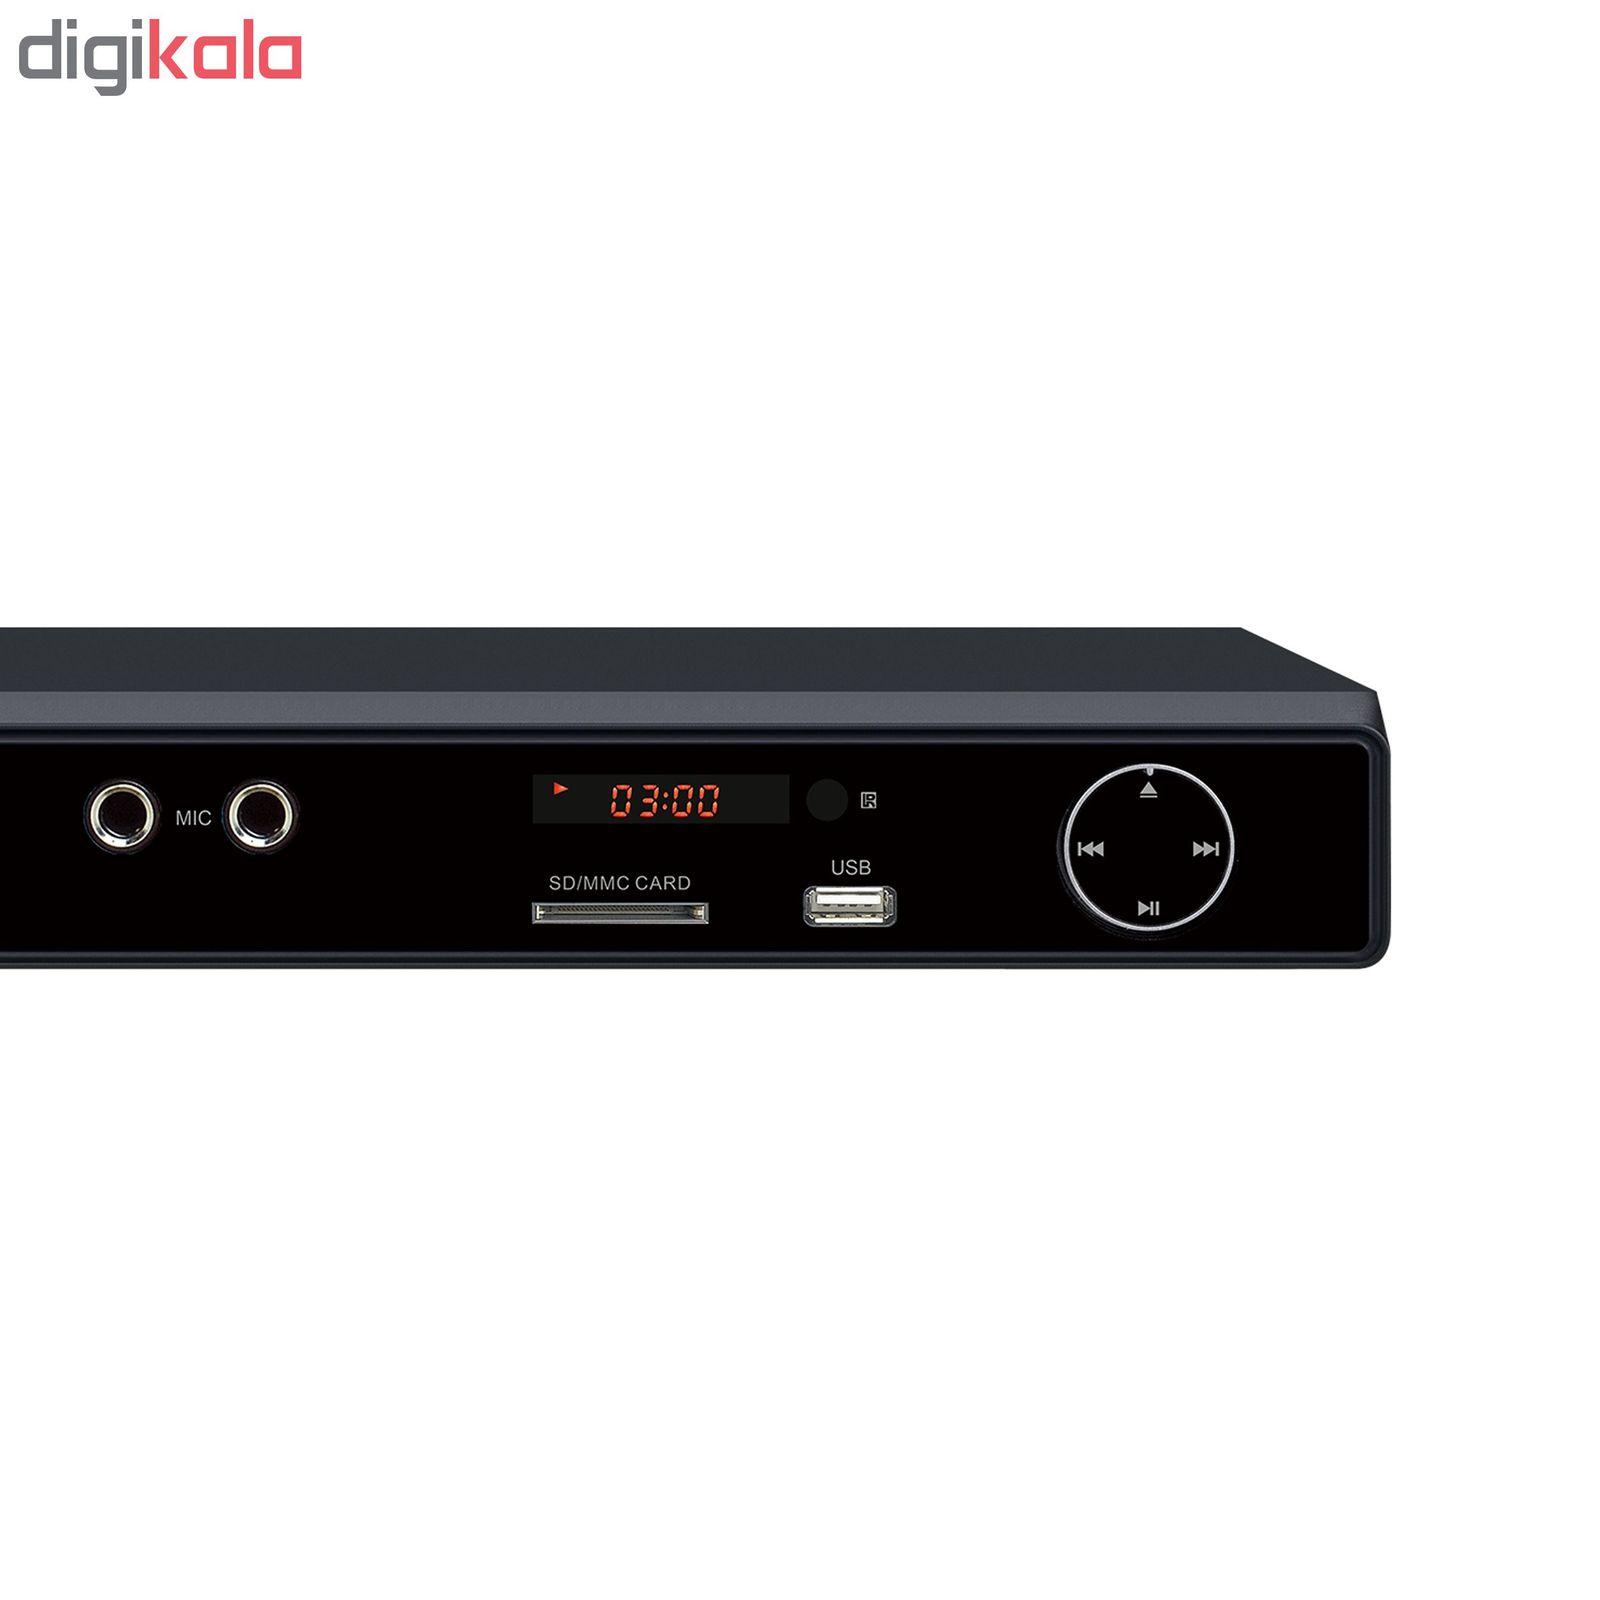 پخش کننده دی وی دی جی پلاس مدل GDV-HJ257N main 1 2